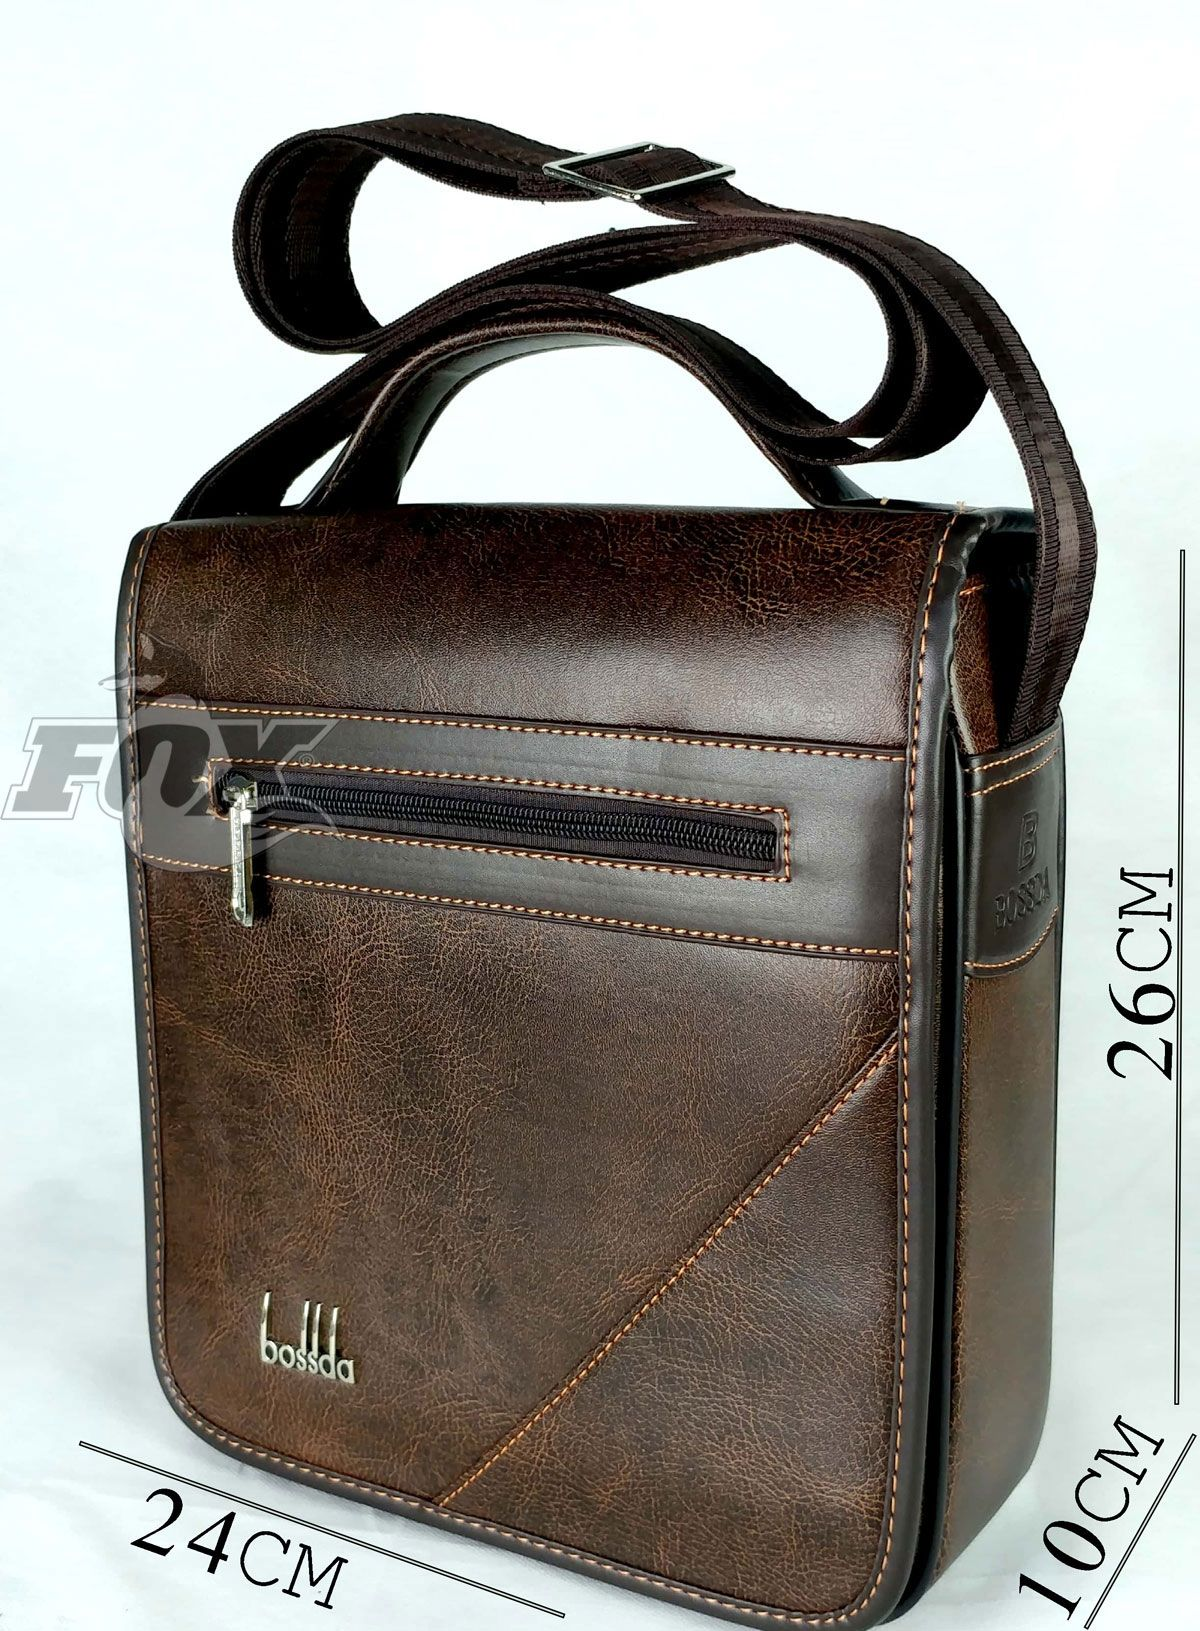 88d2c38907688 سعر A.S حقيبة كروس رجالي - بنى غامق فى مصر